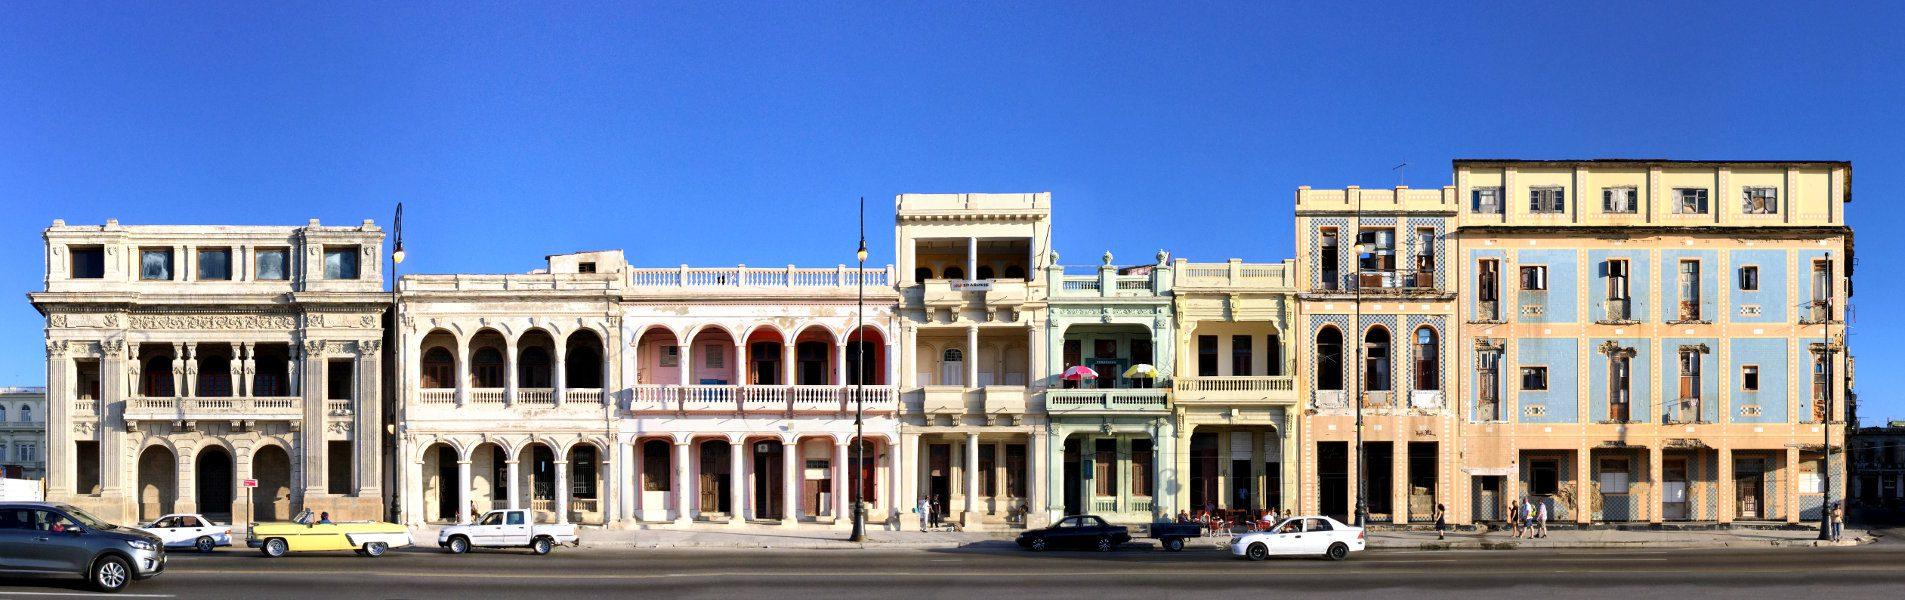 Malecón | historische Fassaden